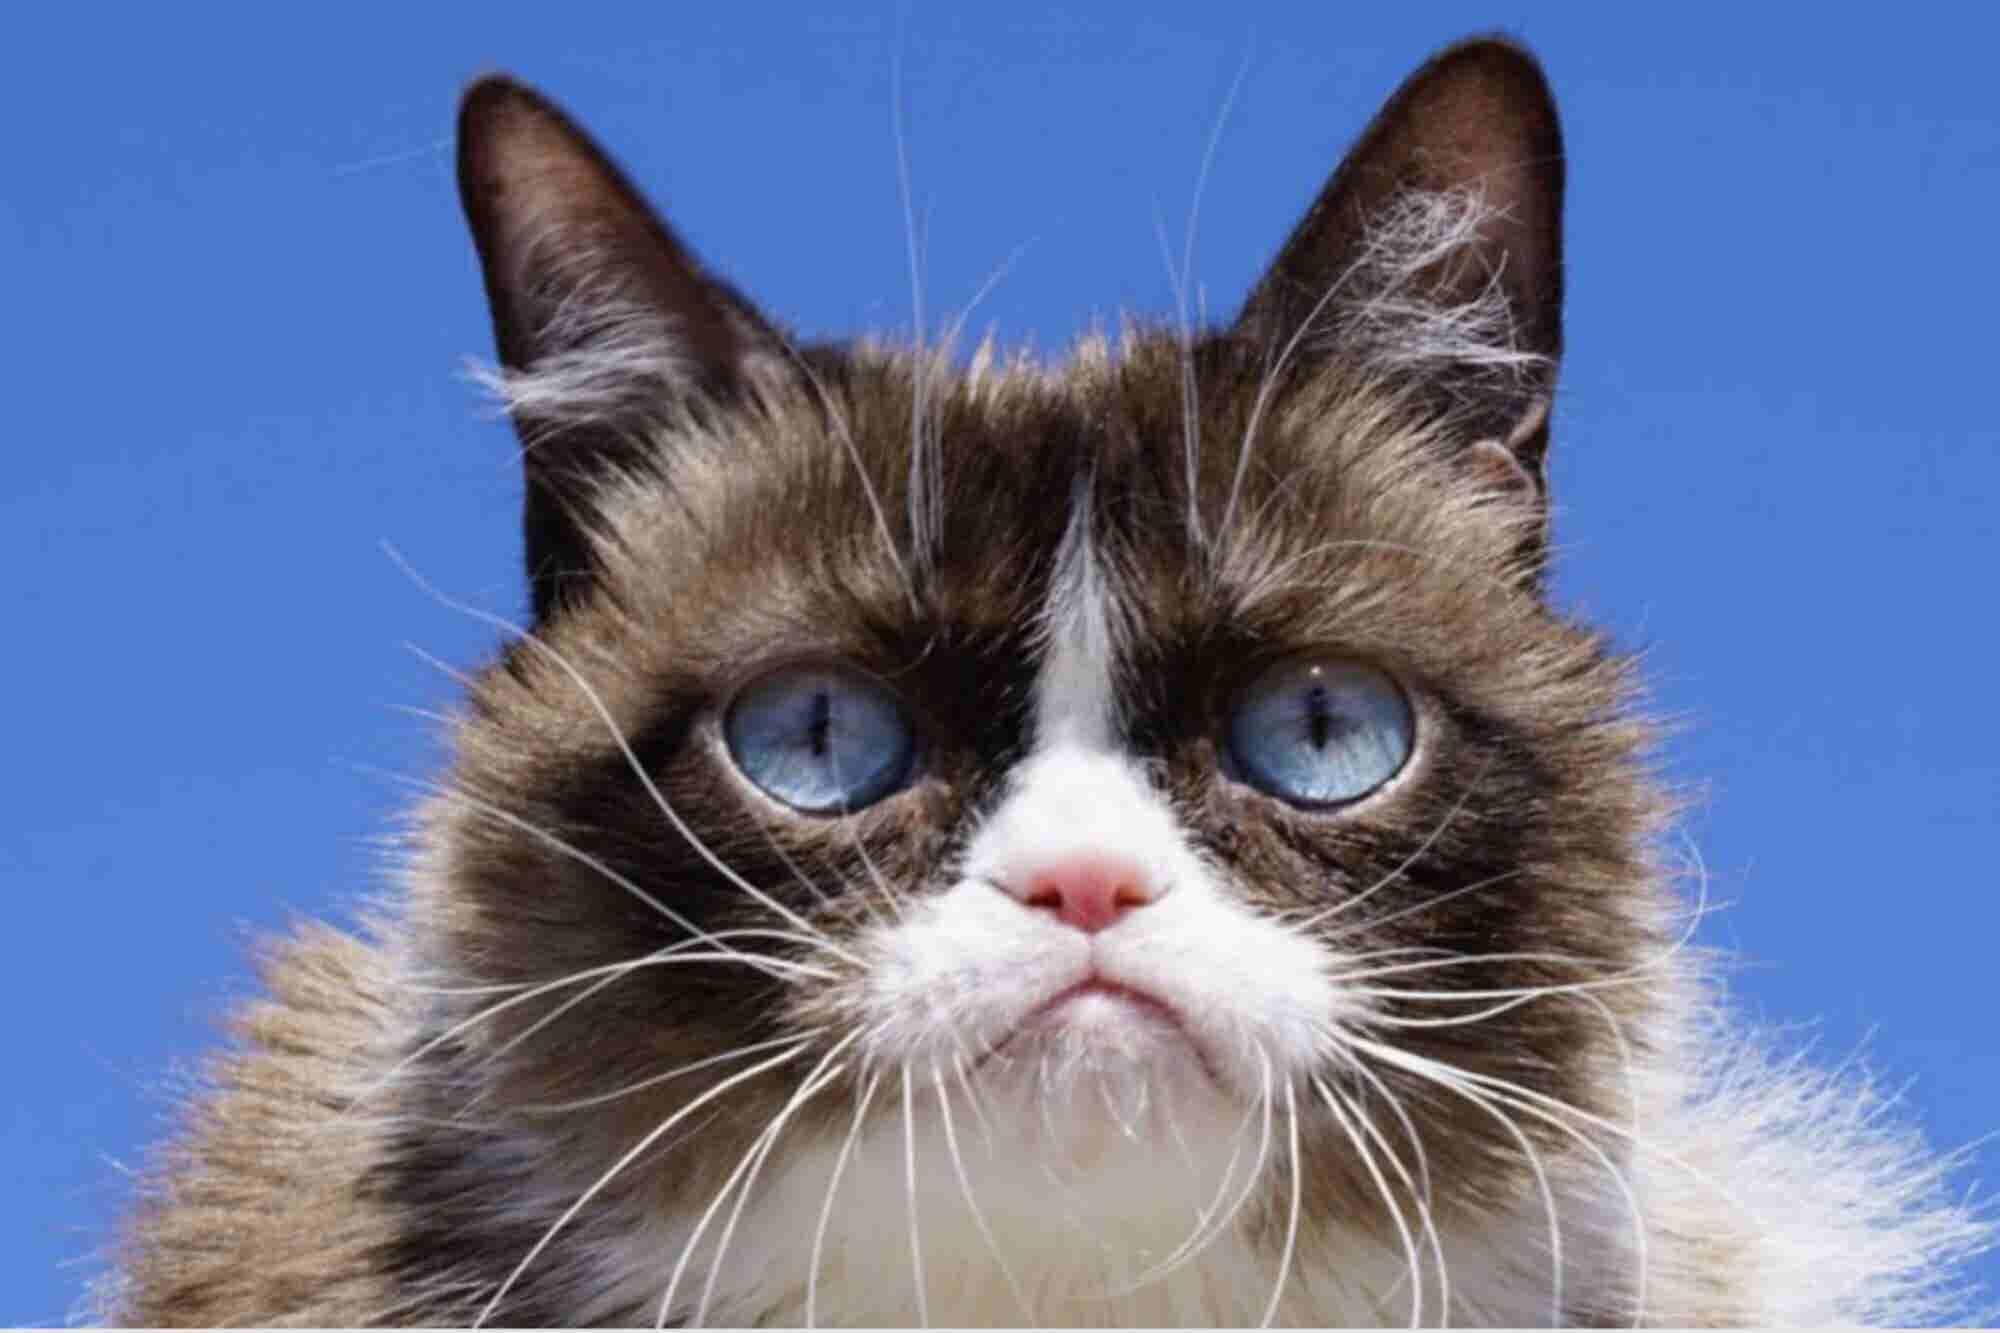 Fallece Grumpy Cat, el gato que se hizo mundialmente famoso por estar enojado